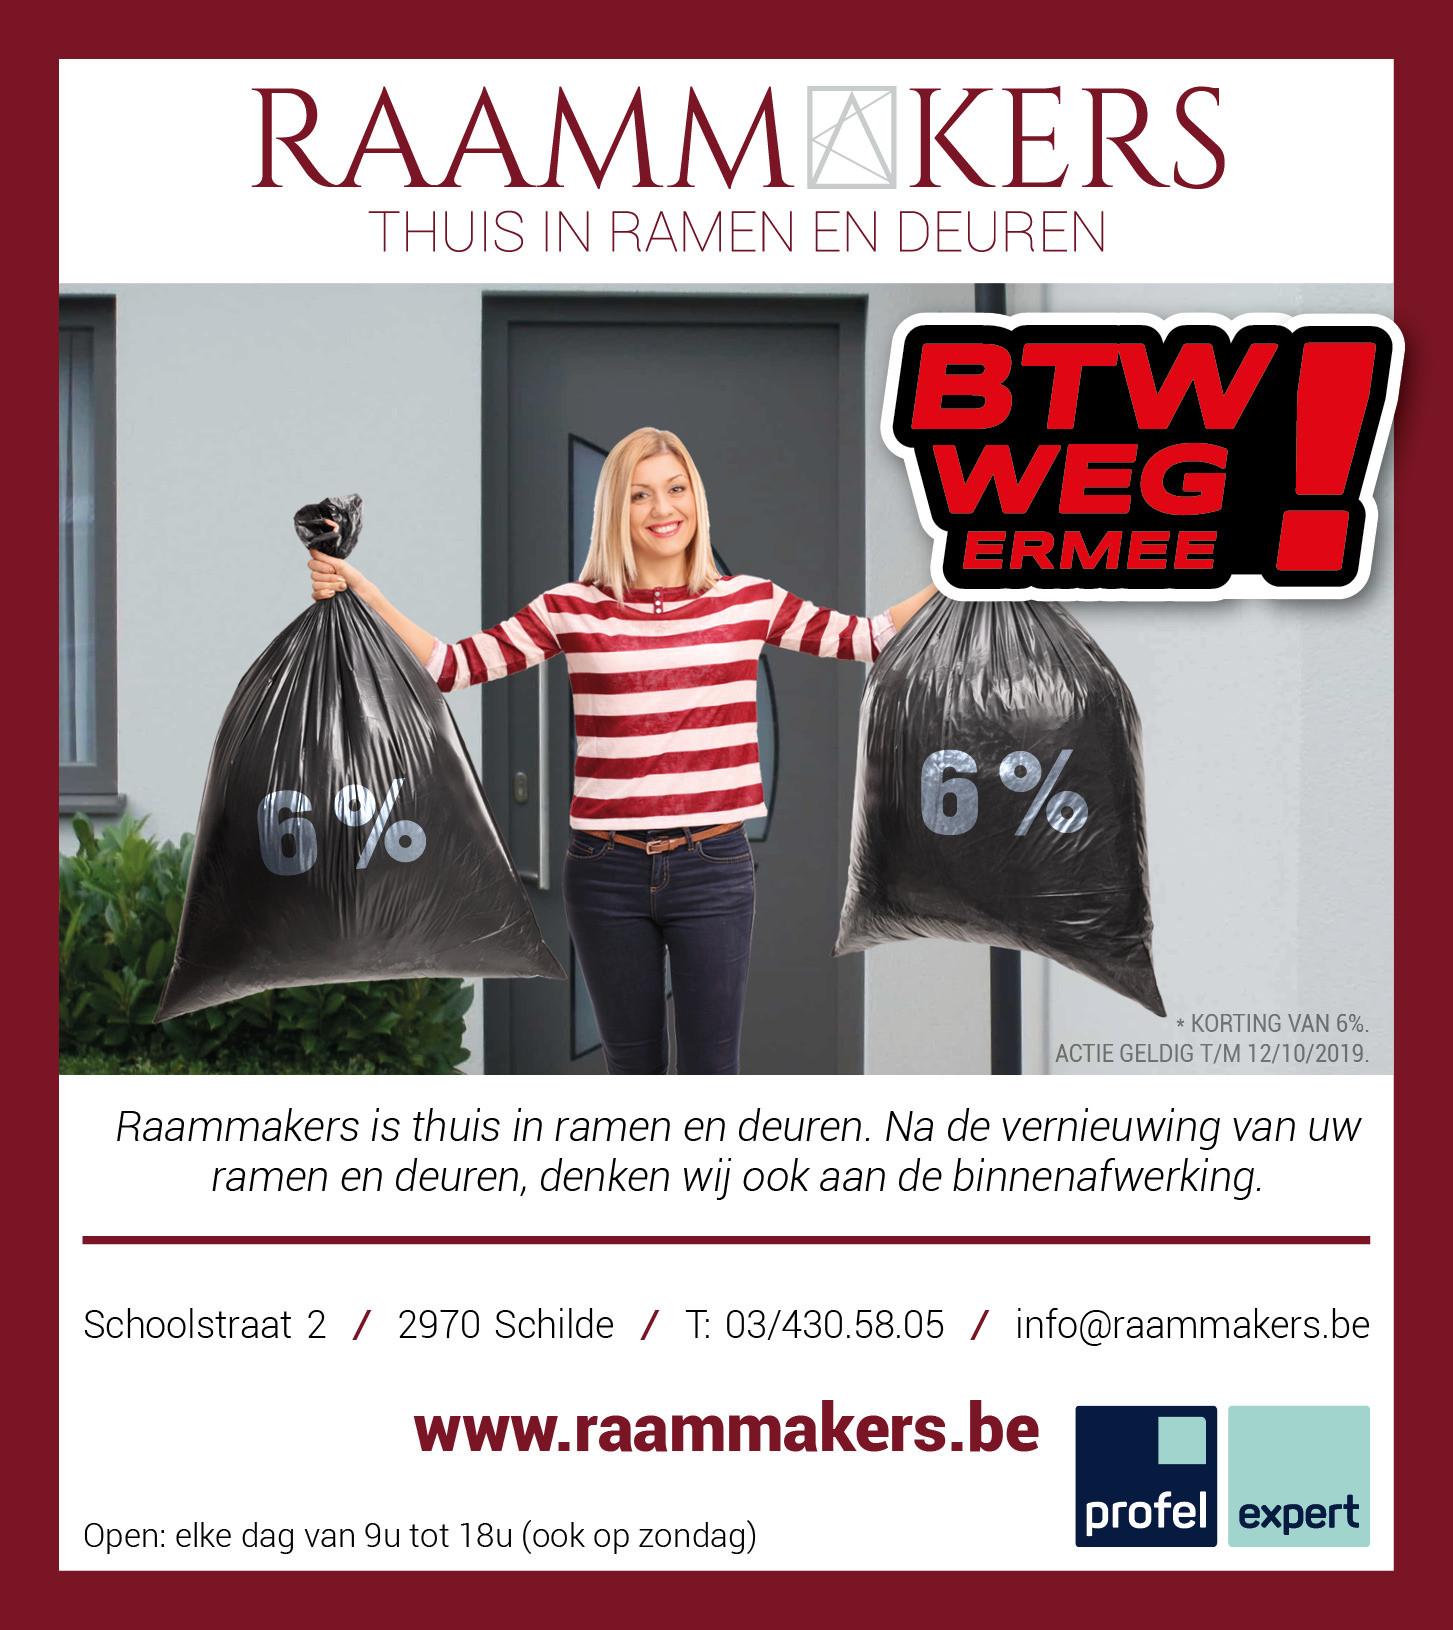 raammakers_ramenendeuren_schilde_sept_2019.jpg